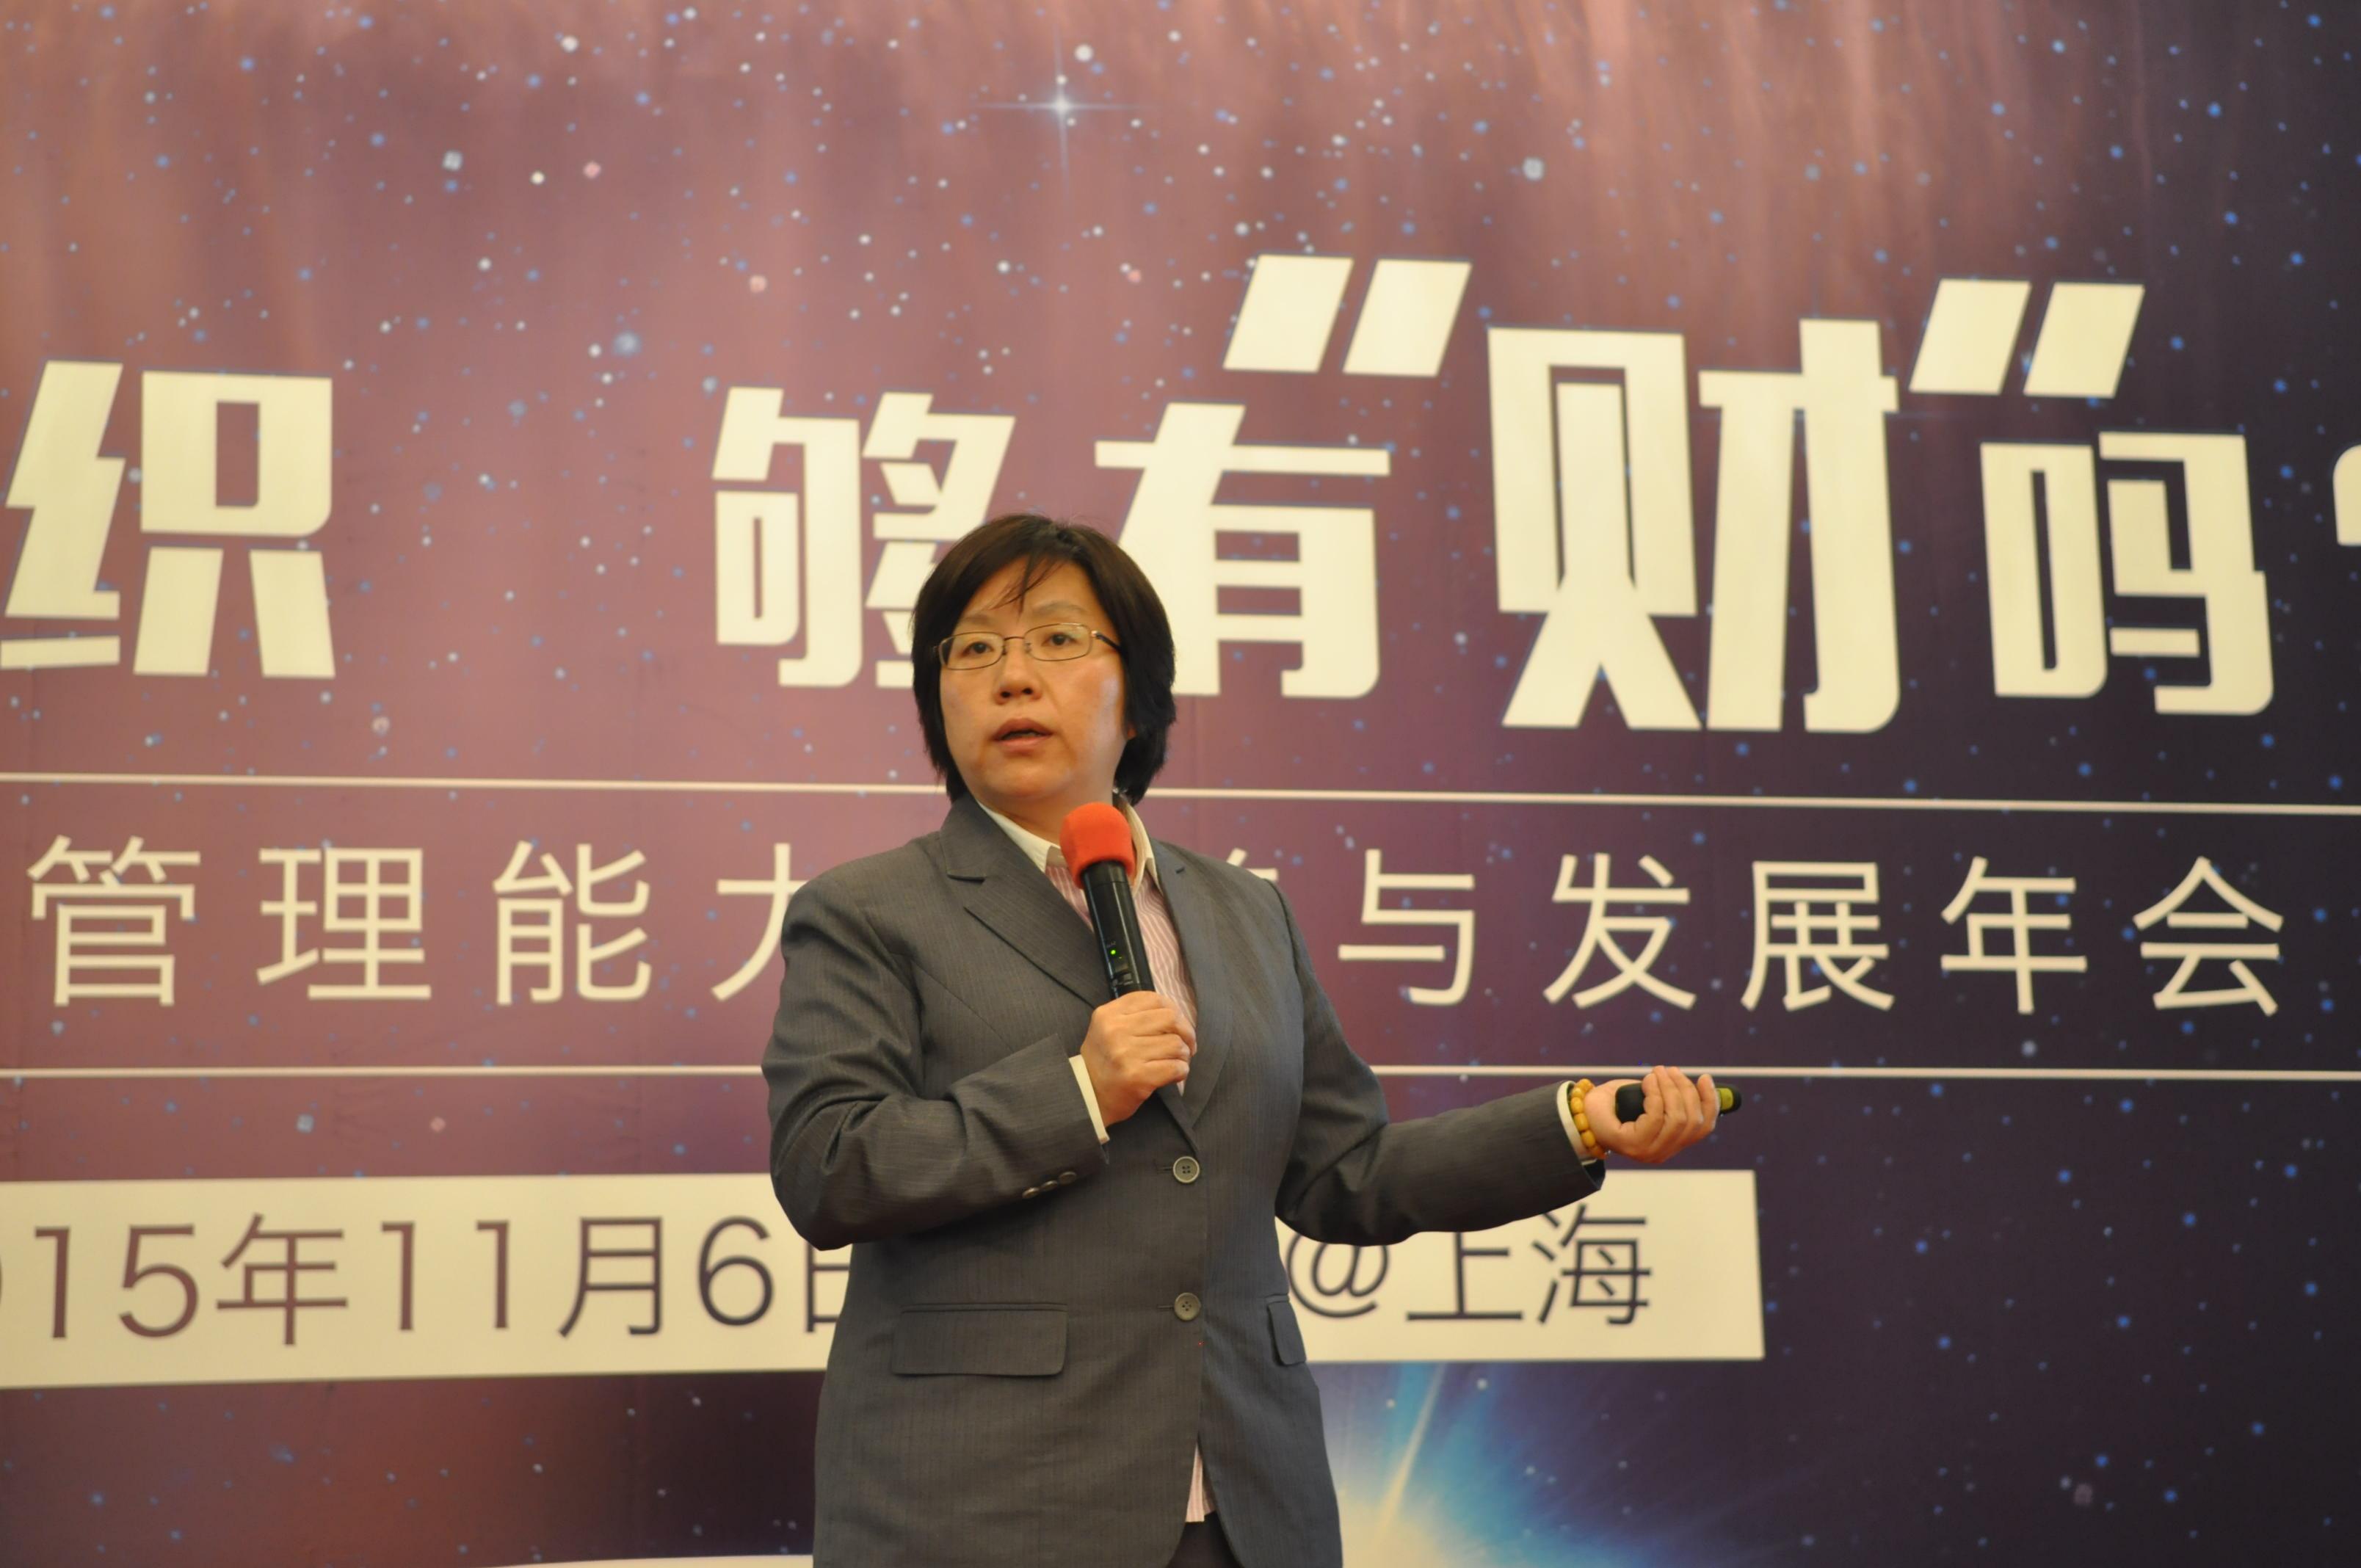 安越咨询资深合伙人首席知识官杨俊照片